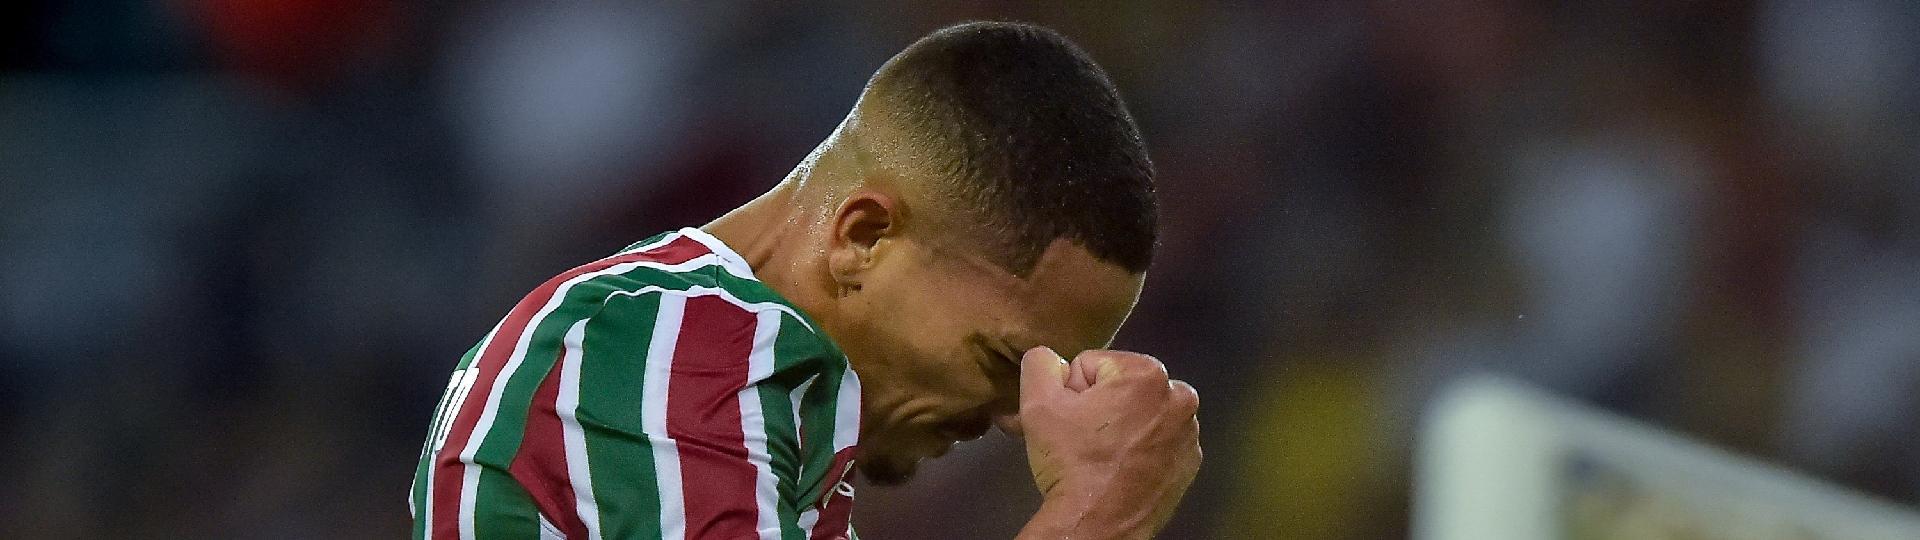 Gilberto, do Fluminense, comemora seu gol durante partida contra o Santa Cruz pela Copa do Brasil 2019